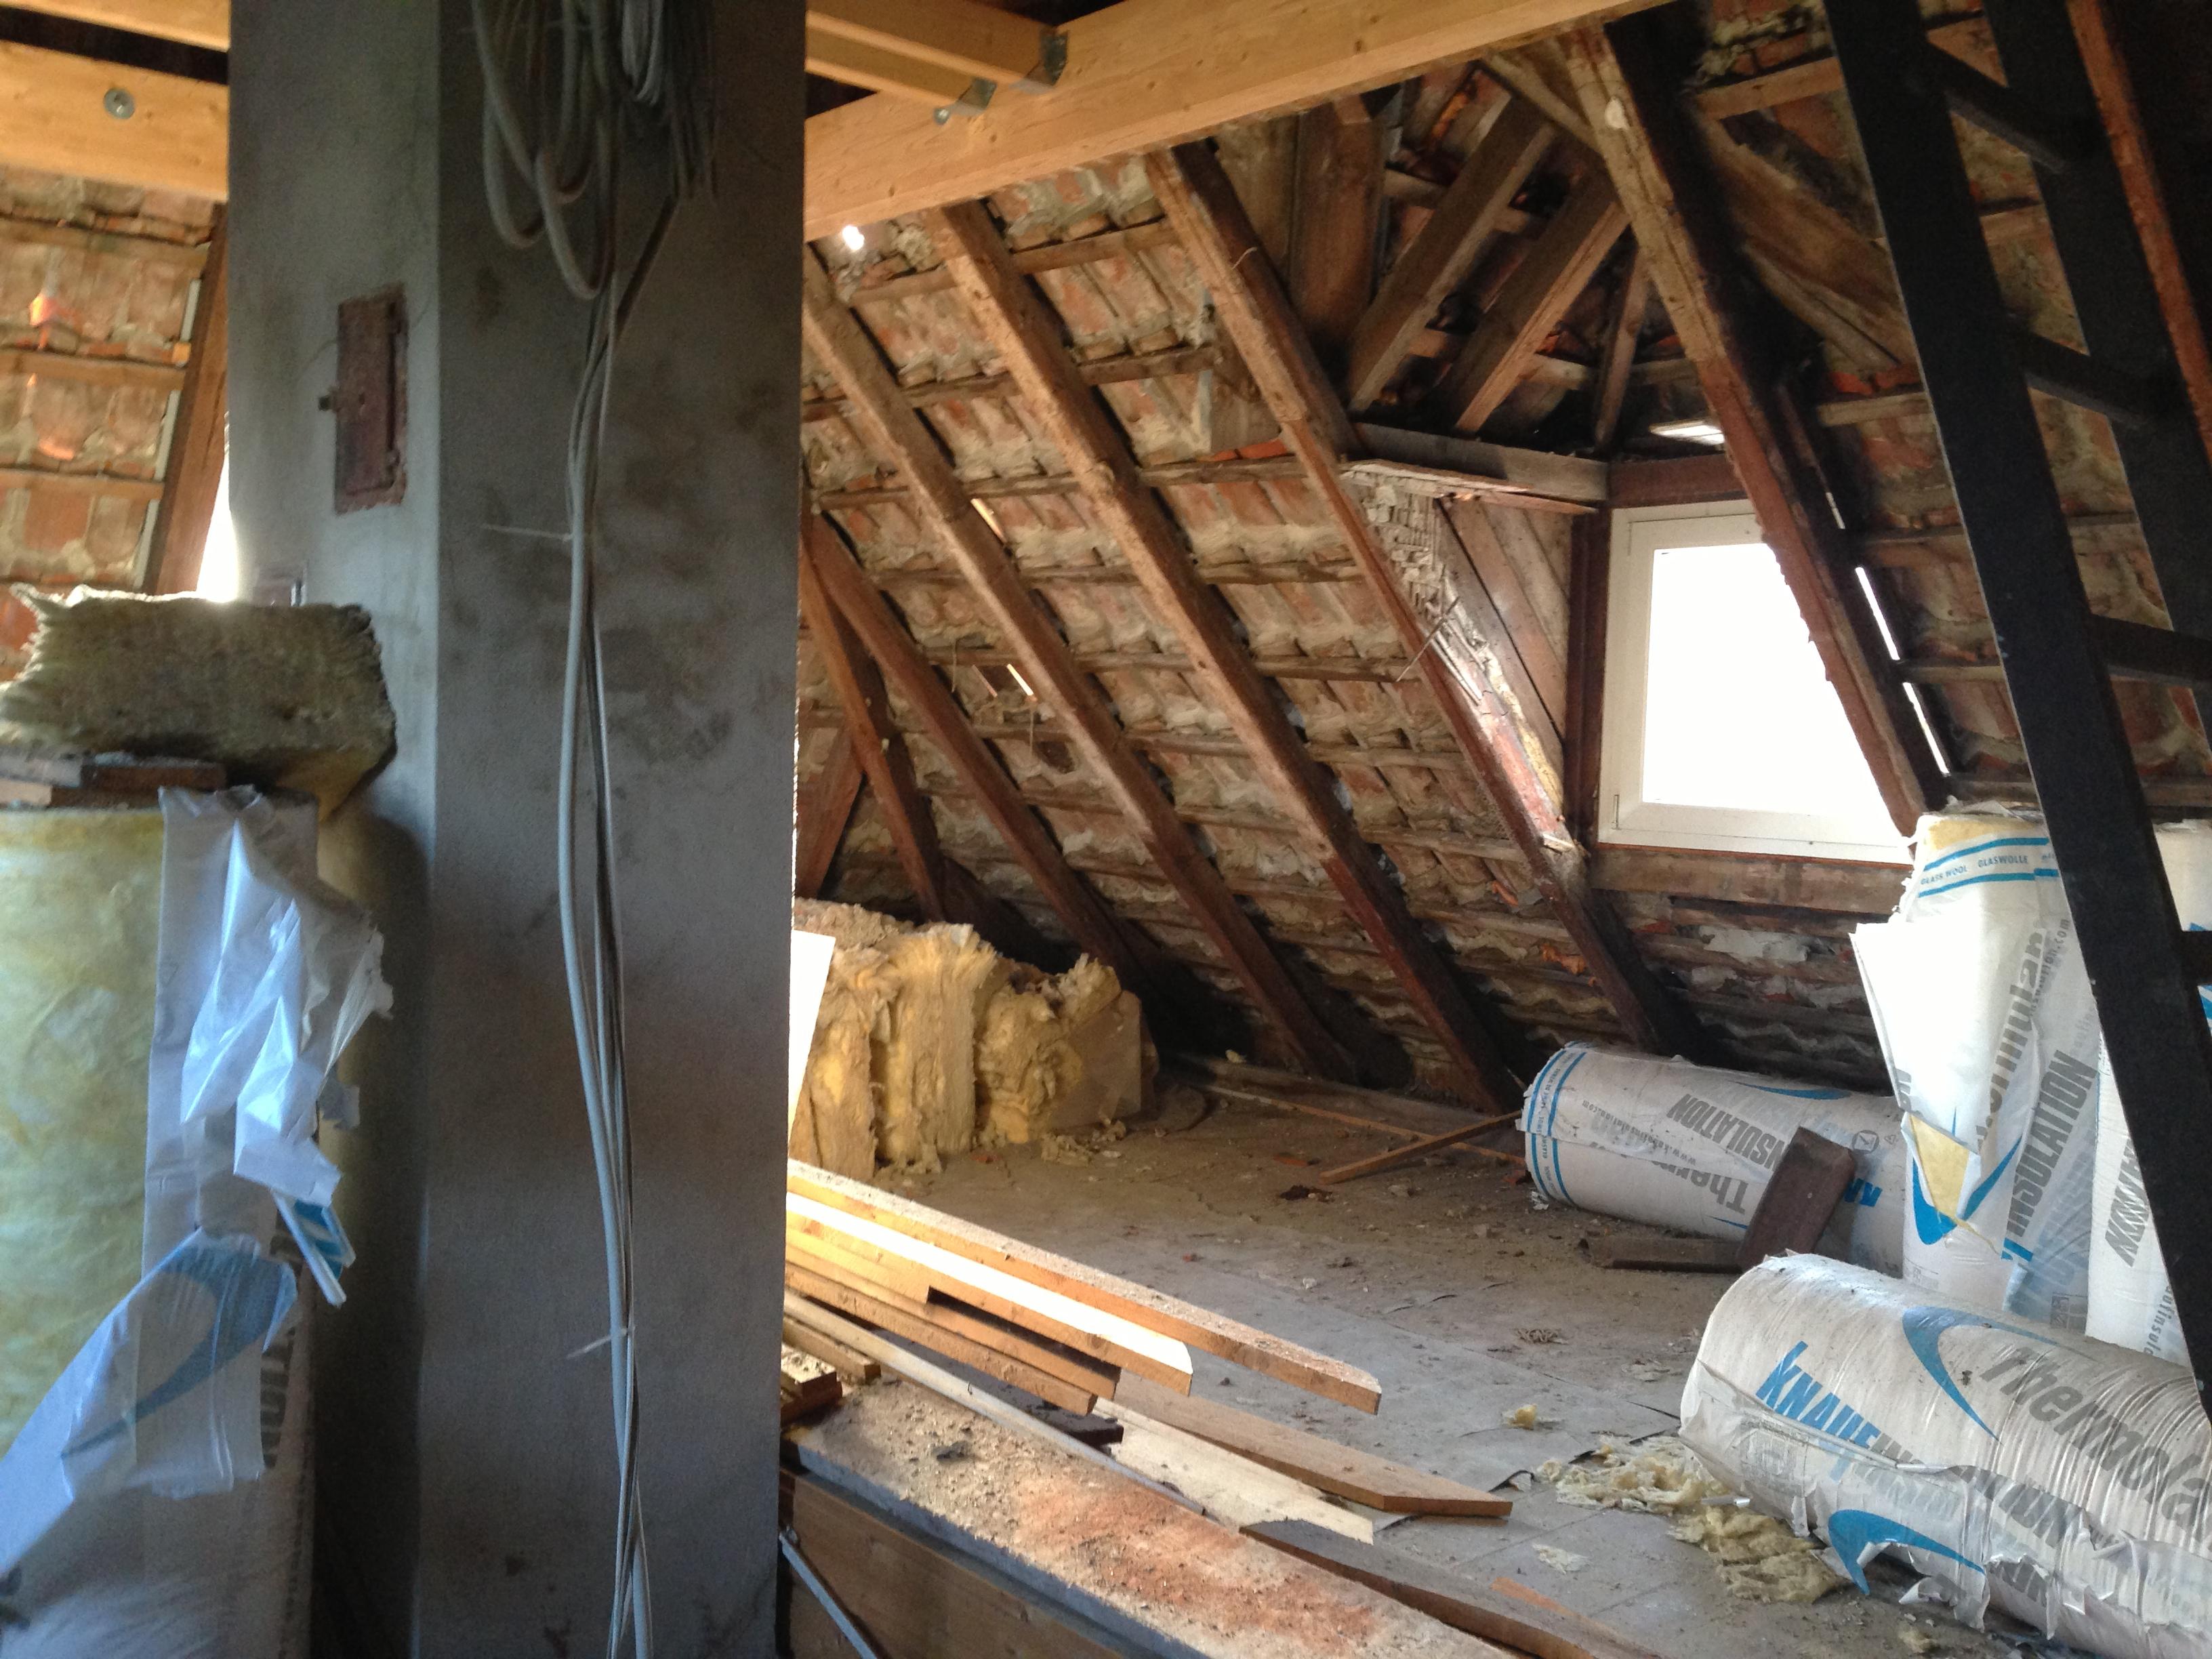 dachbodenausbau vorher nachher dann wollen wir mal. Black Bedroom Furniture Sets. Home Design Ideas